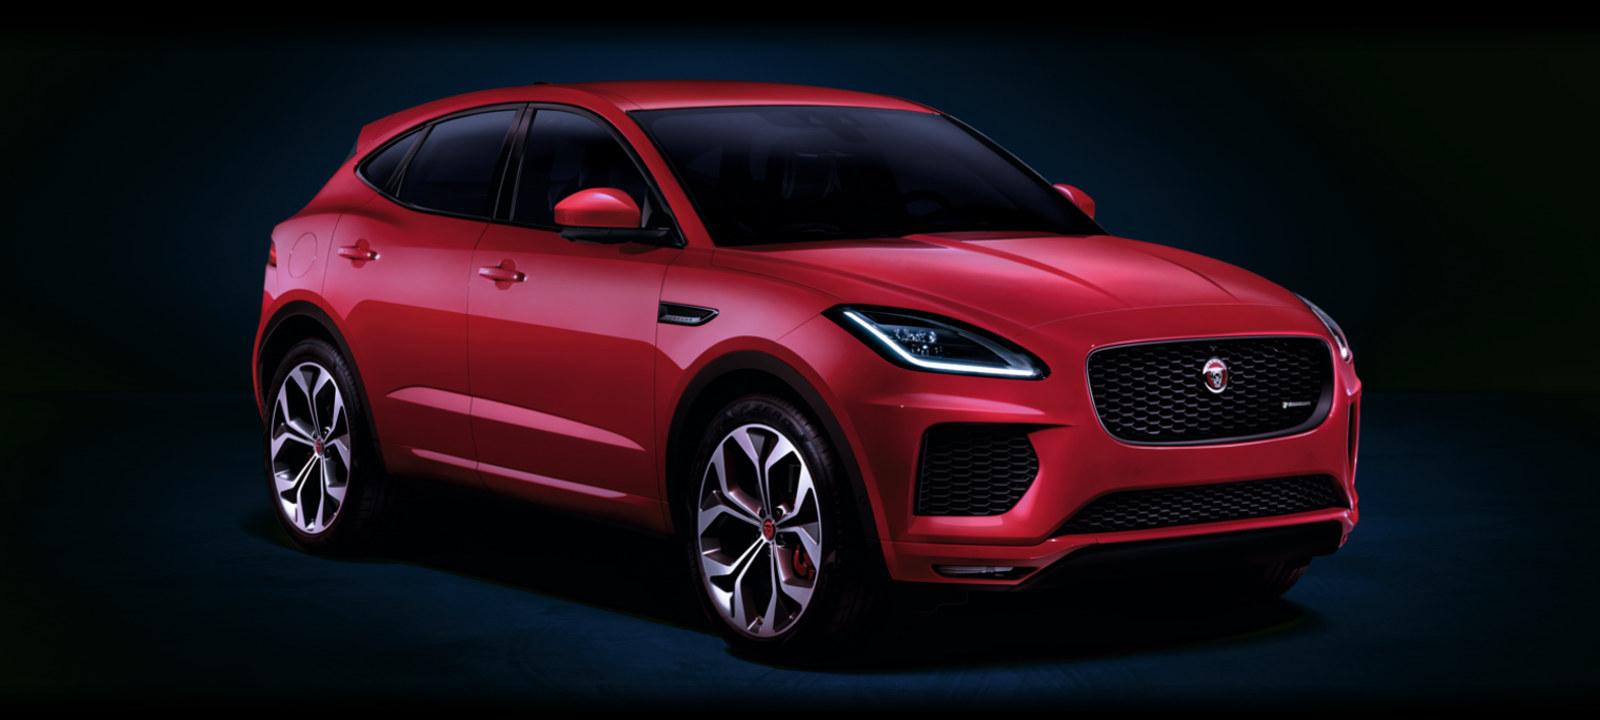 Jaguar E-Pace z 0% opłaty wstępnej 5